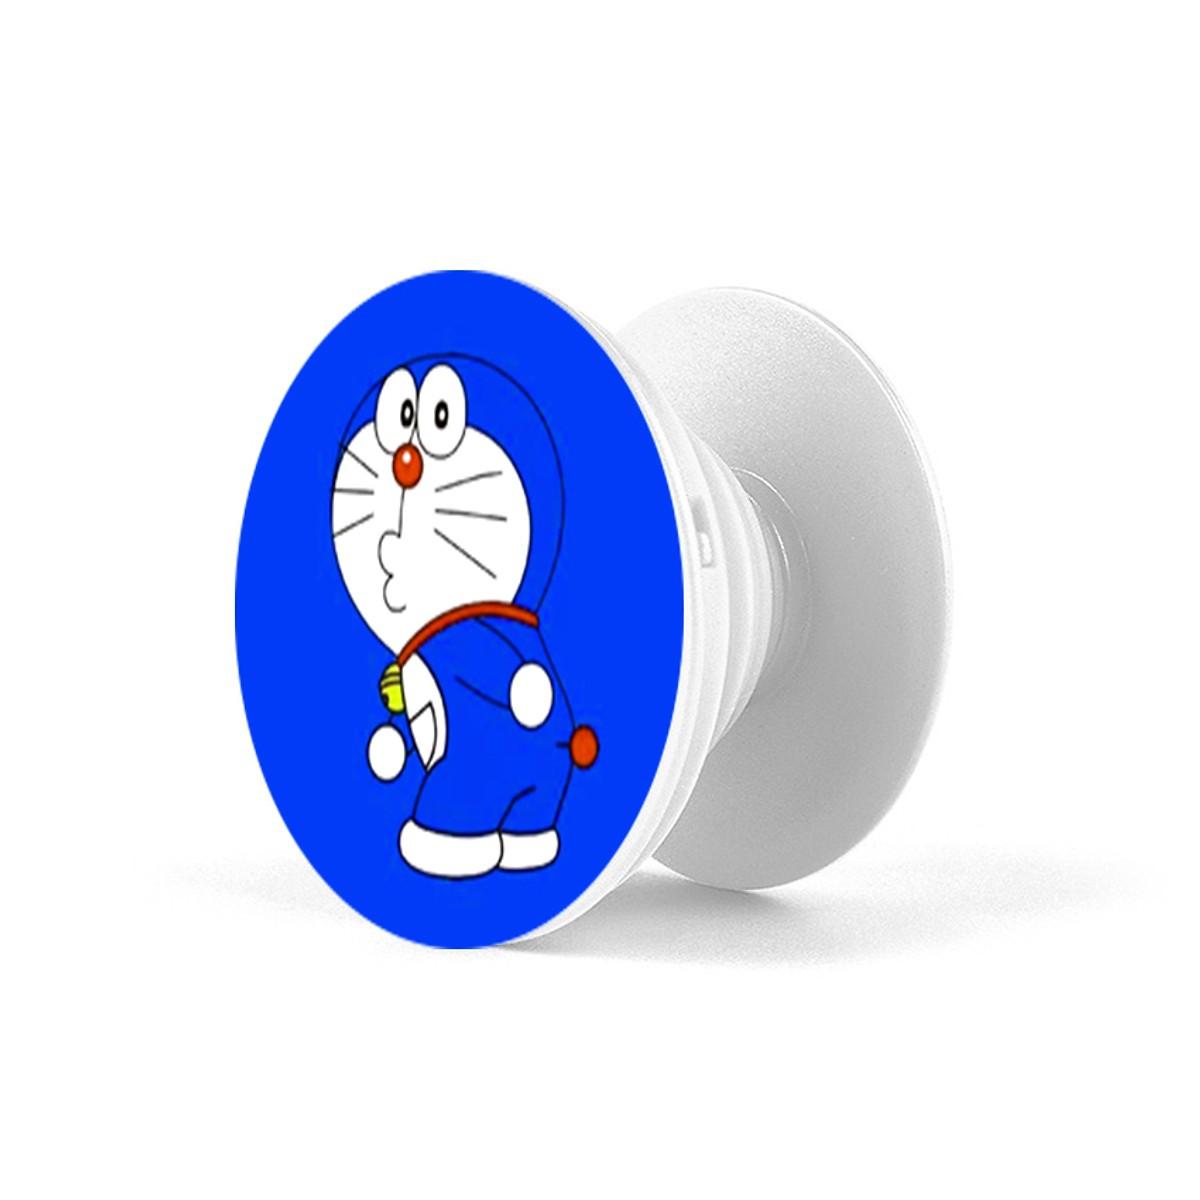 Popsocket - Giá đỡ điện thoại đa năng iCase - Hàng Chính Hãng